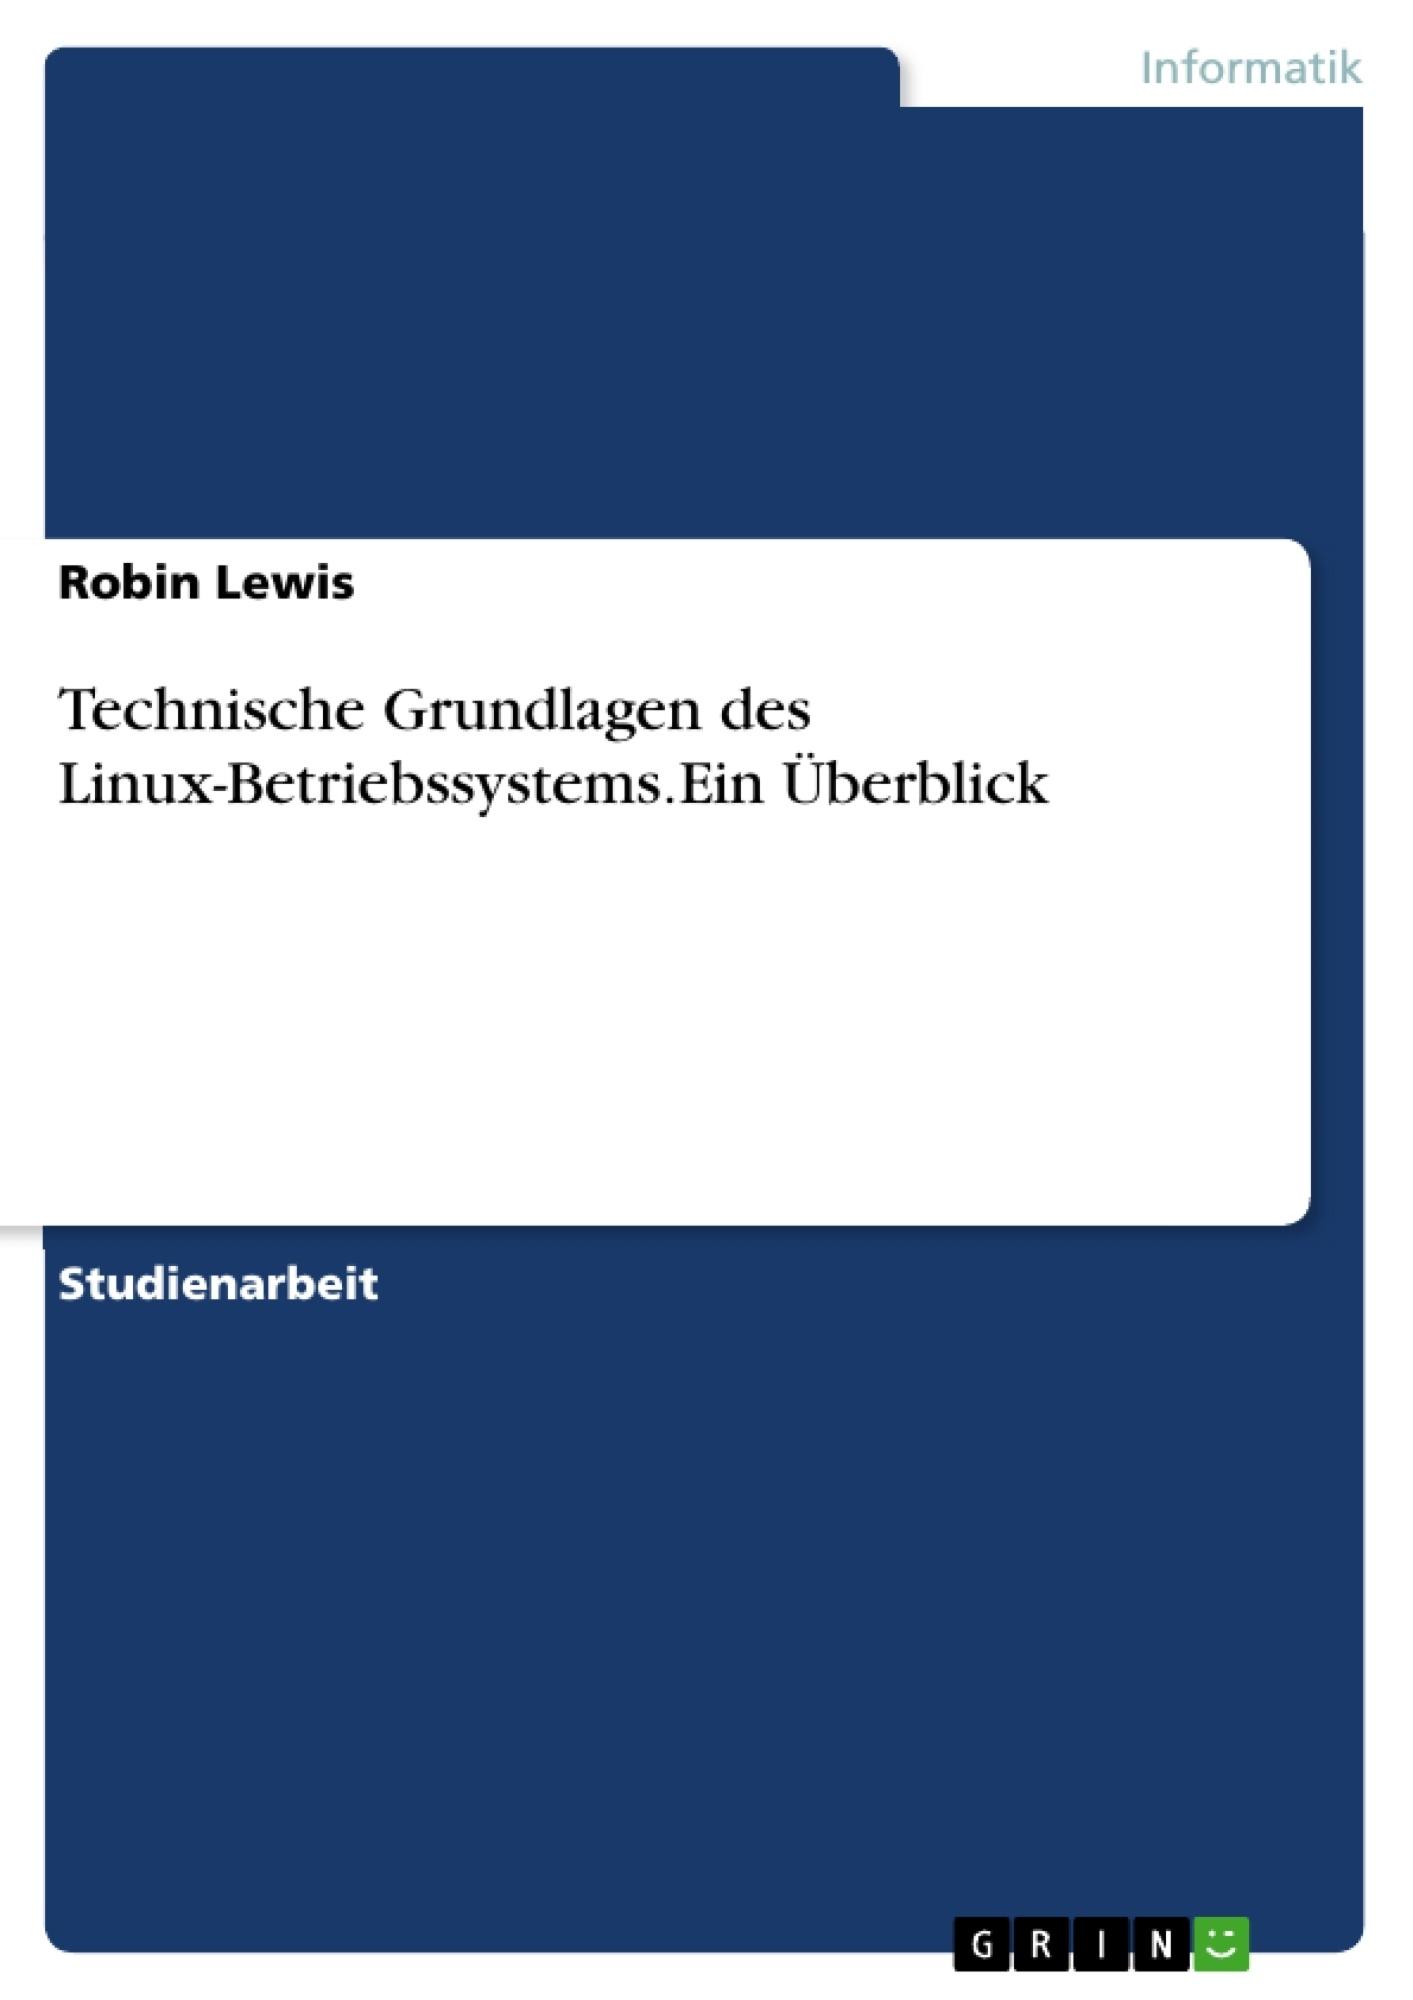 Titel: Technische Grundlagen des Linux-Betriebssystems.Ein Überblick